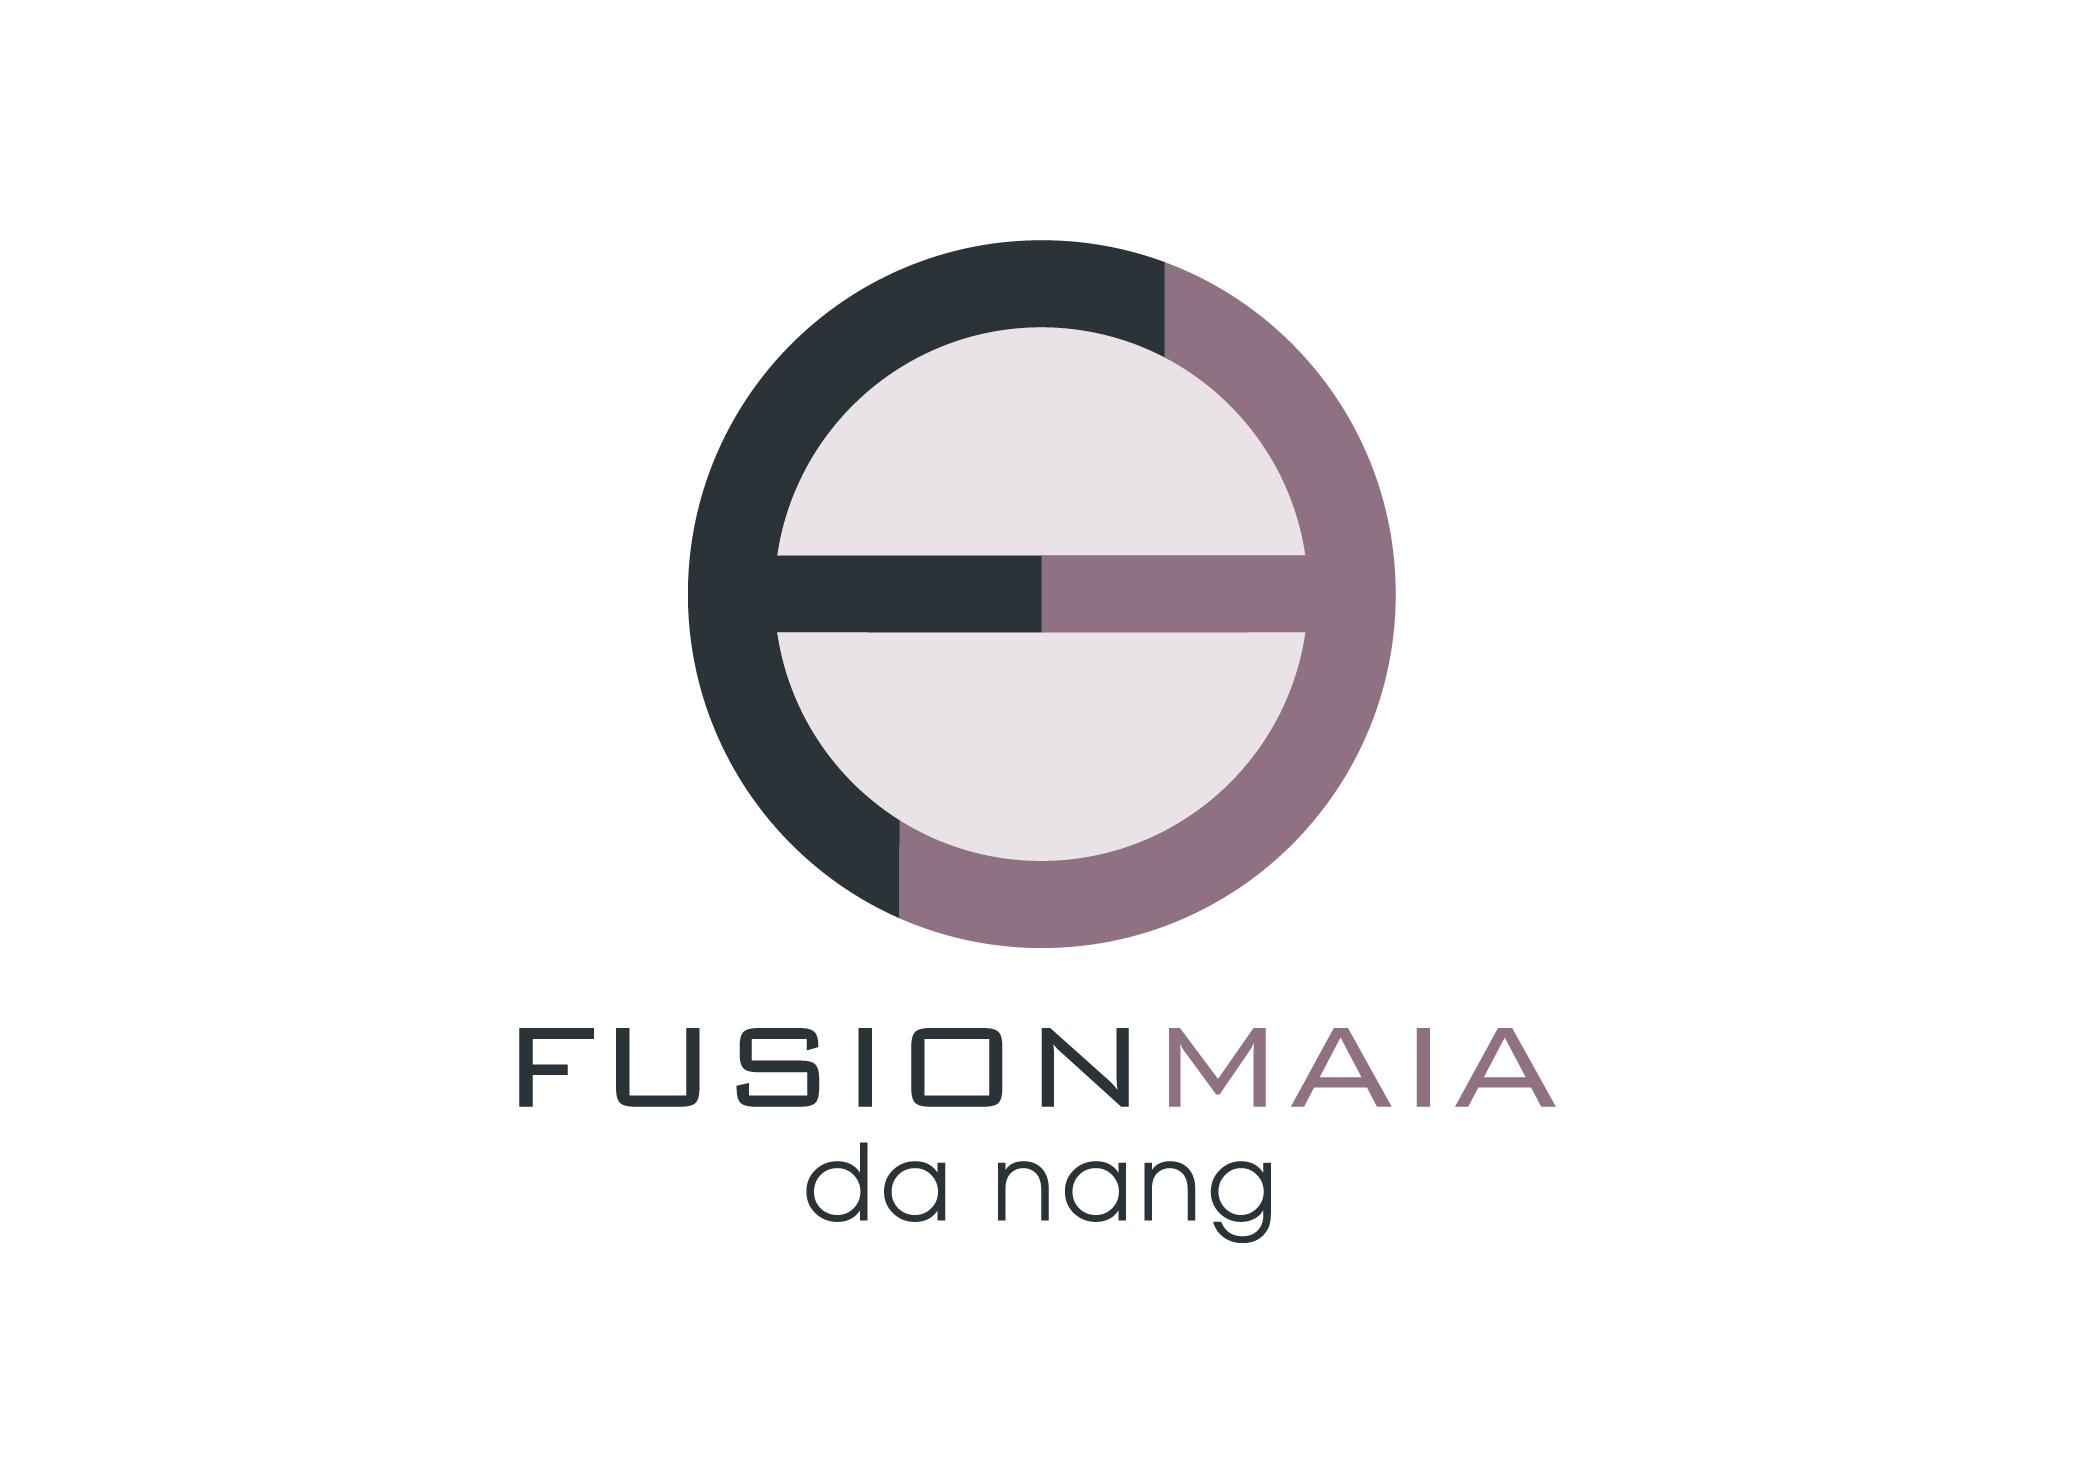 Fusion Maia Danang